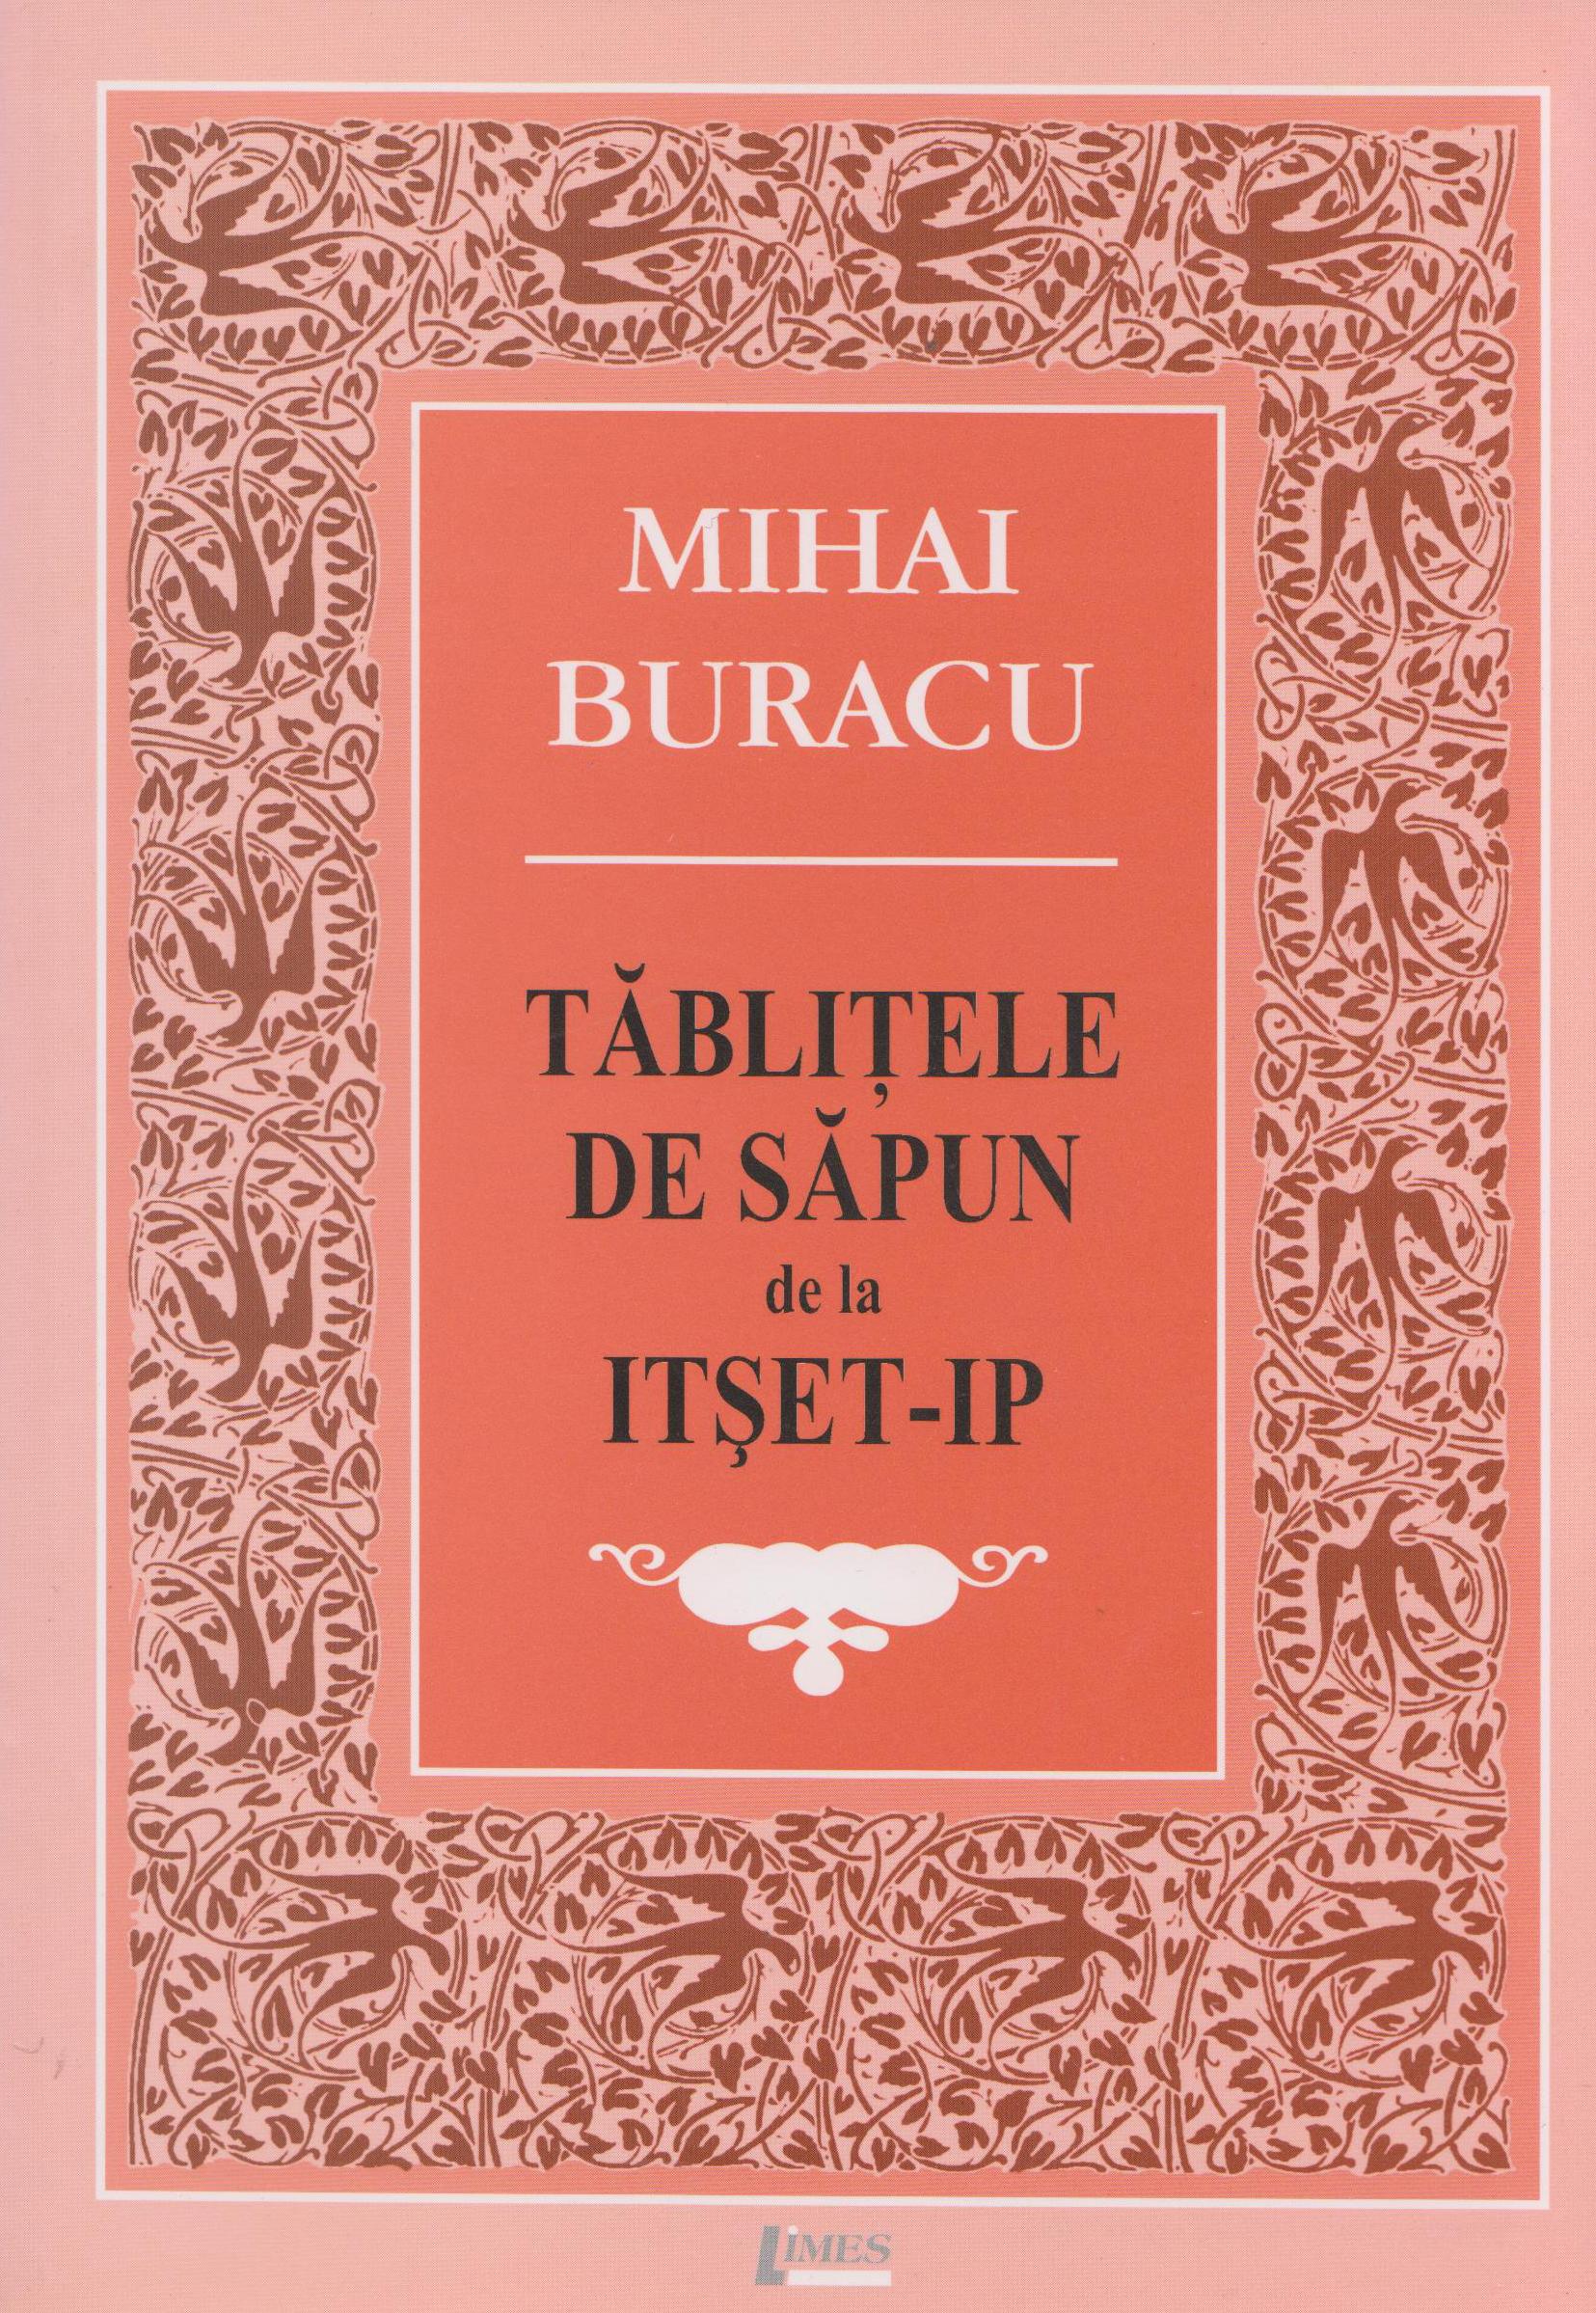 Tablitele De Sapun | Mihai Buracu